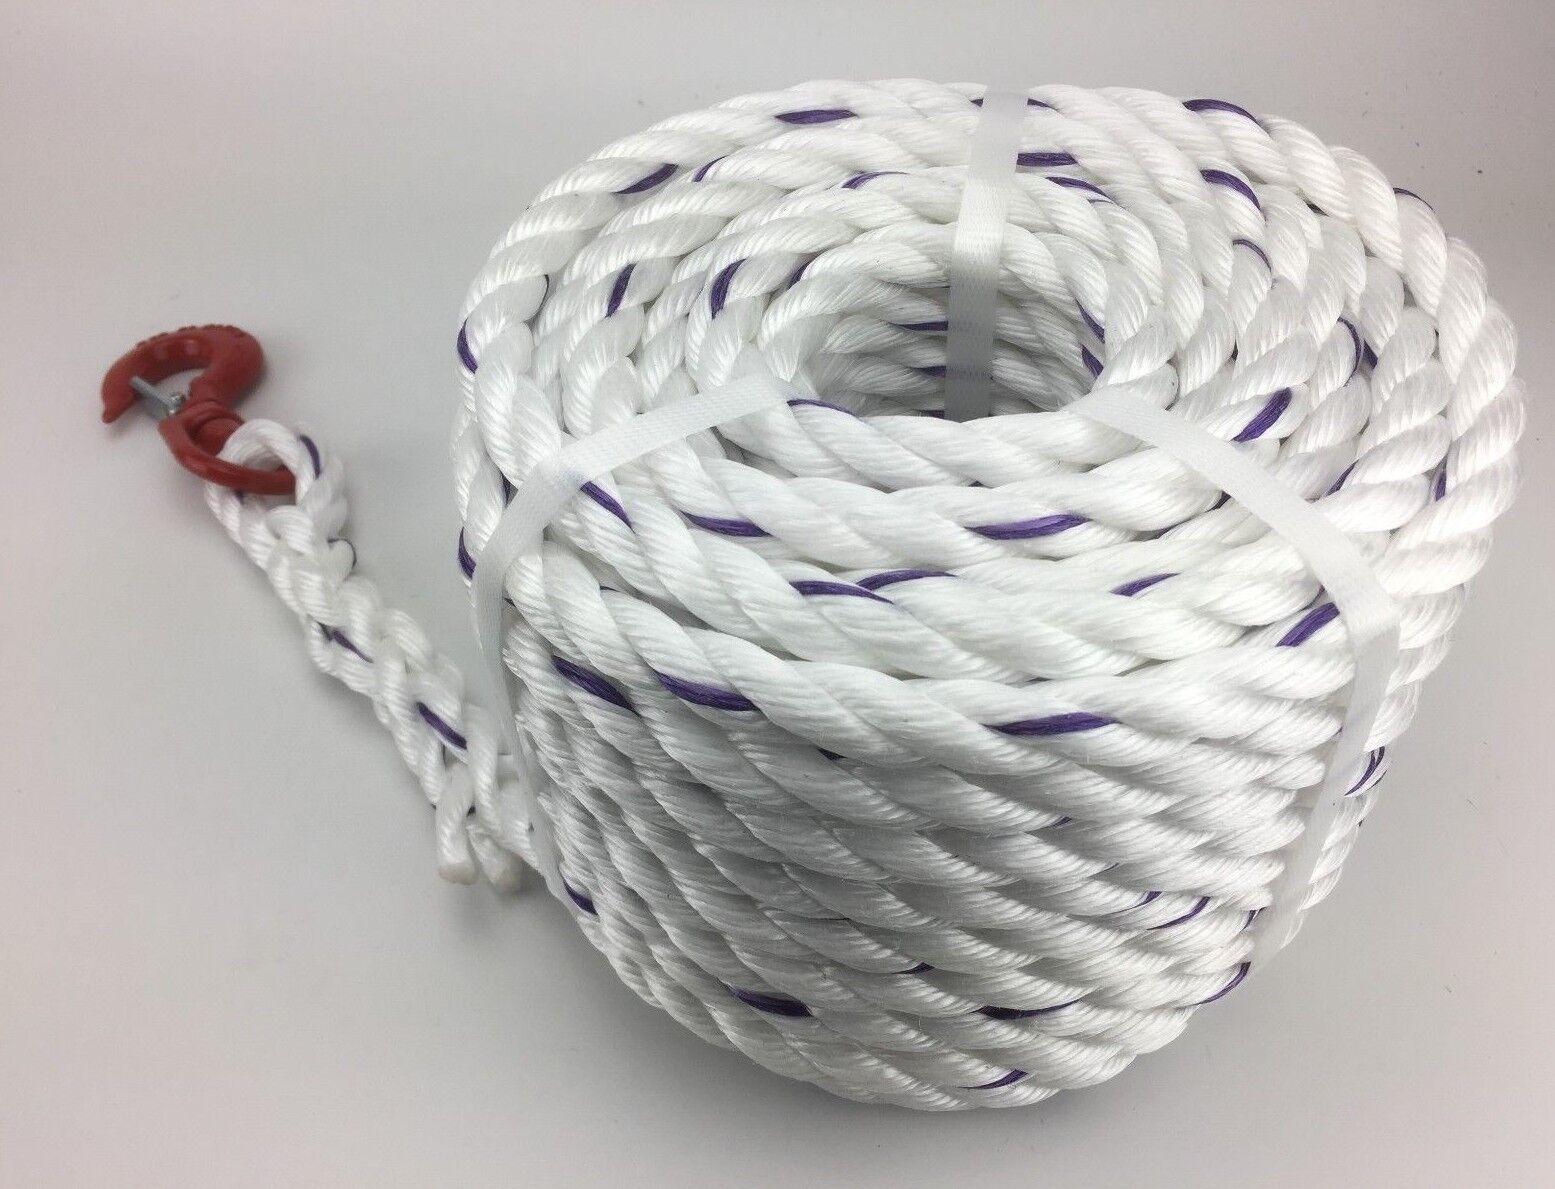 16mm weiß POLYSTEEL Seil 35 35 35 m Dreh Haken Baumpfleger Rigg Fall Seil b5cee7